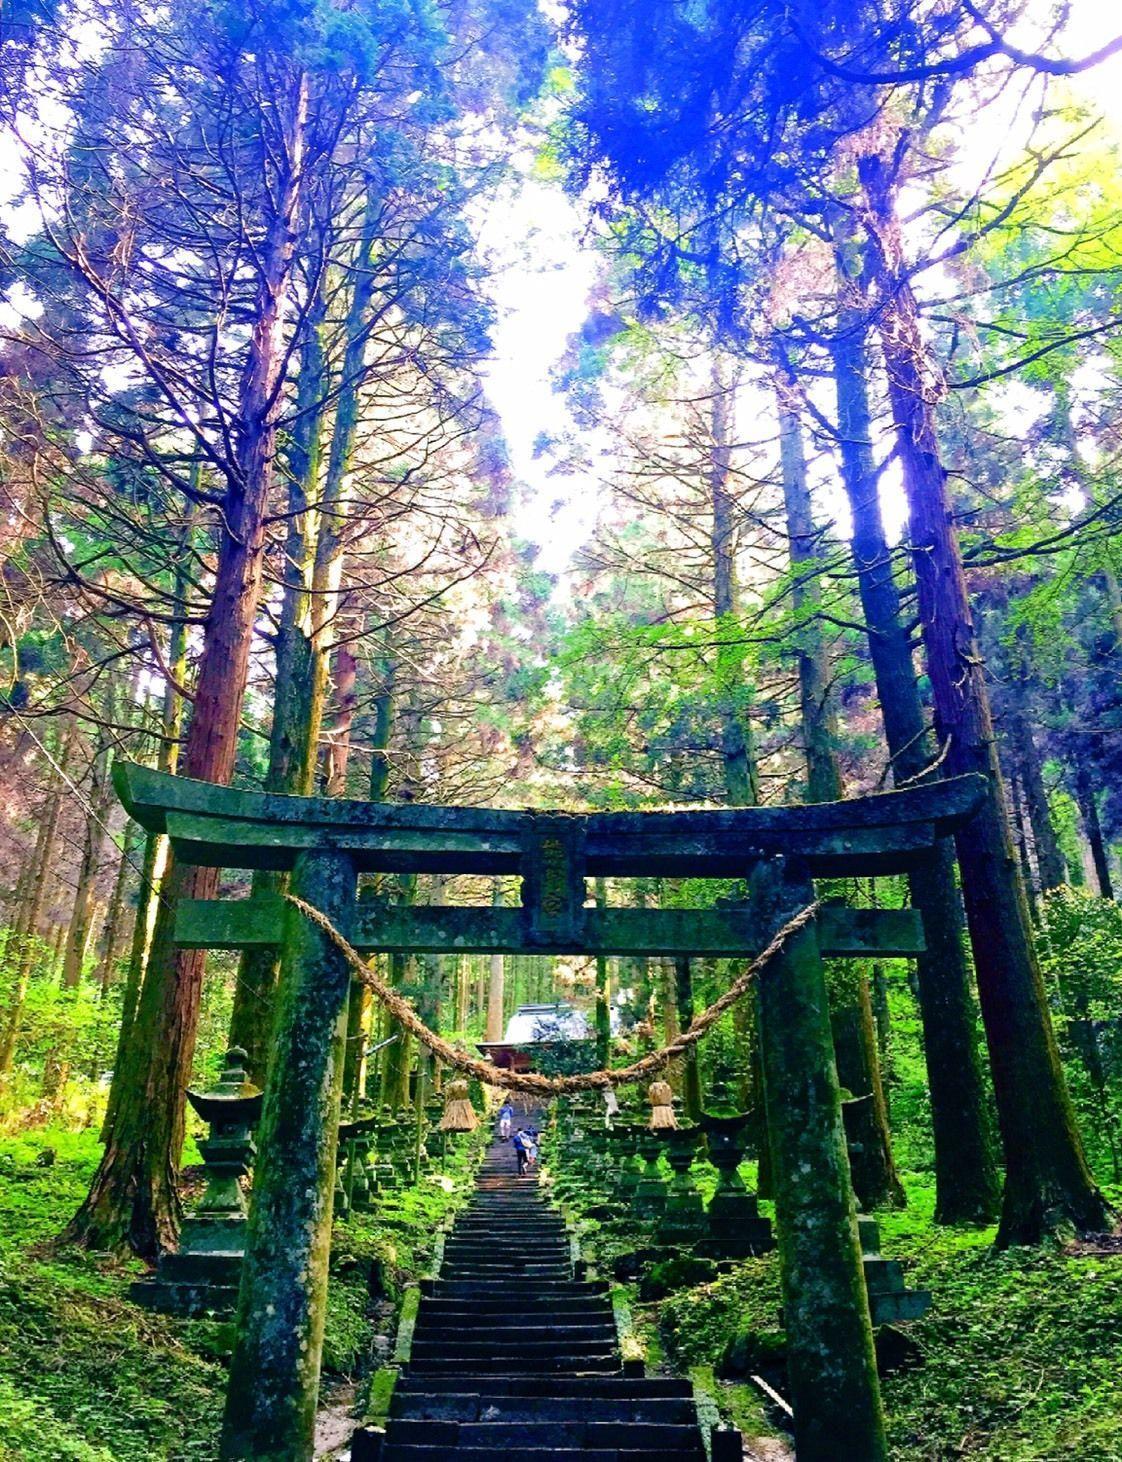 【熊本・阿蘇】熊本に来たら絶対チェックして欲しい!おすすめスポット☆の画像